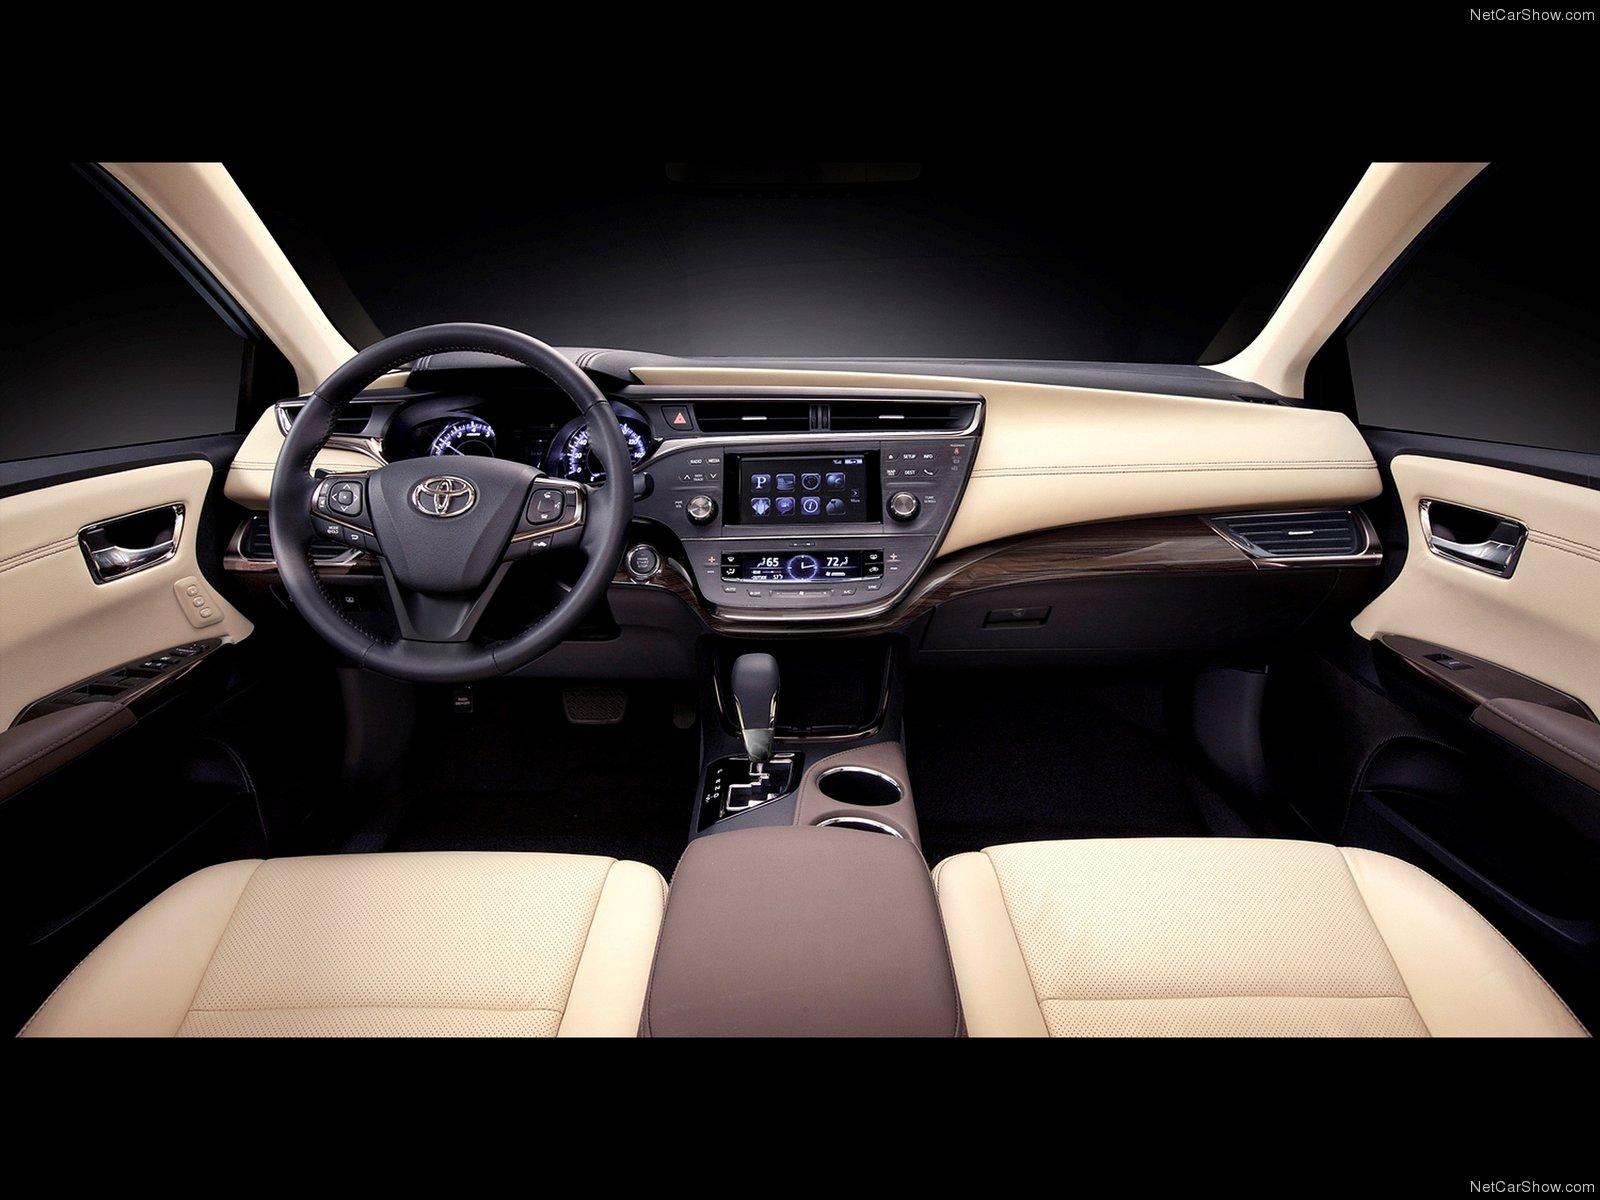 اسعار صور أفلون الجديدة Toyota Toyota-Avalon_2013_1600x1200_wallpaper_2a.jpg